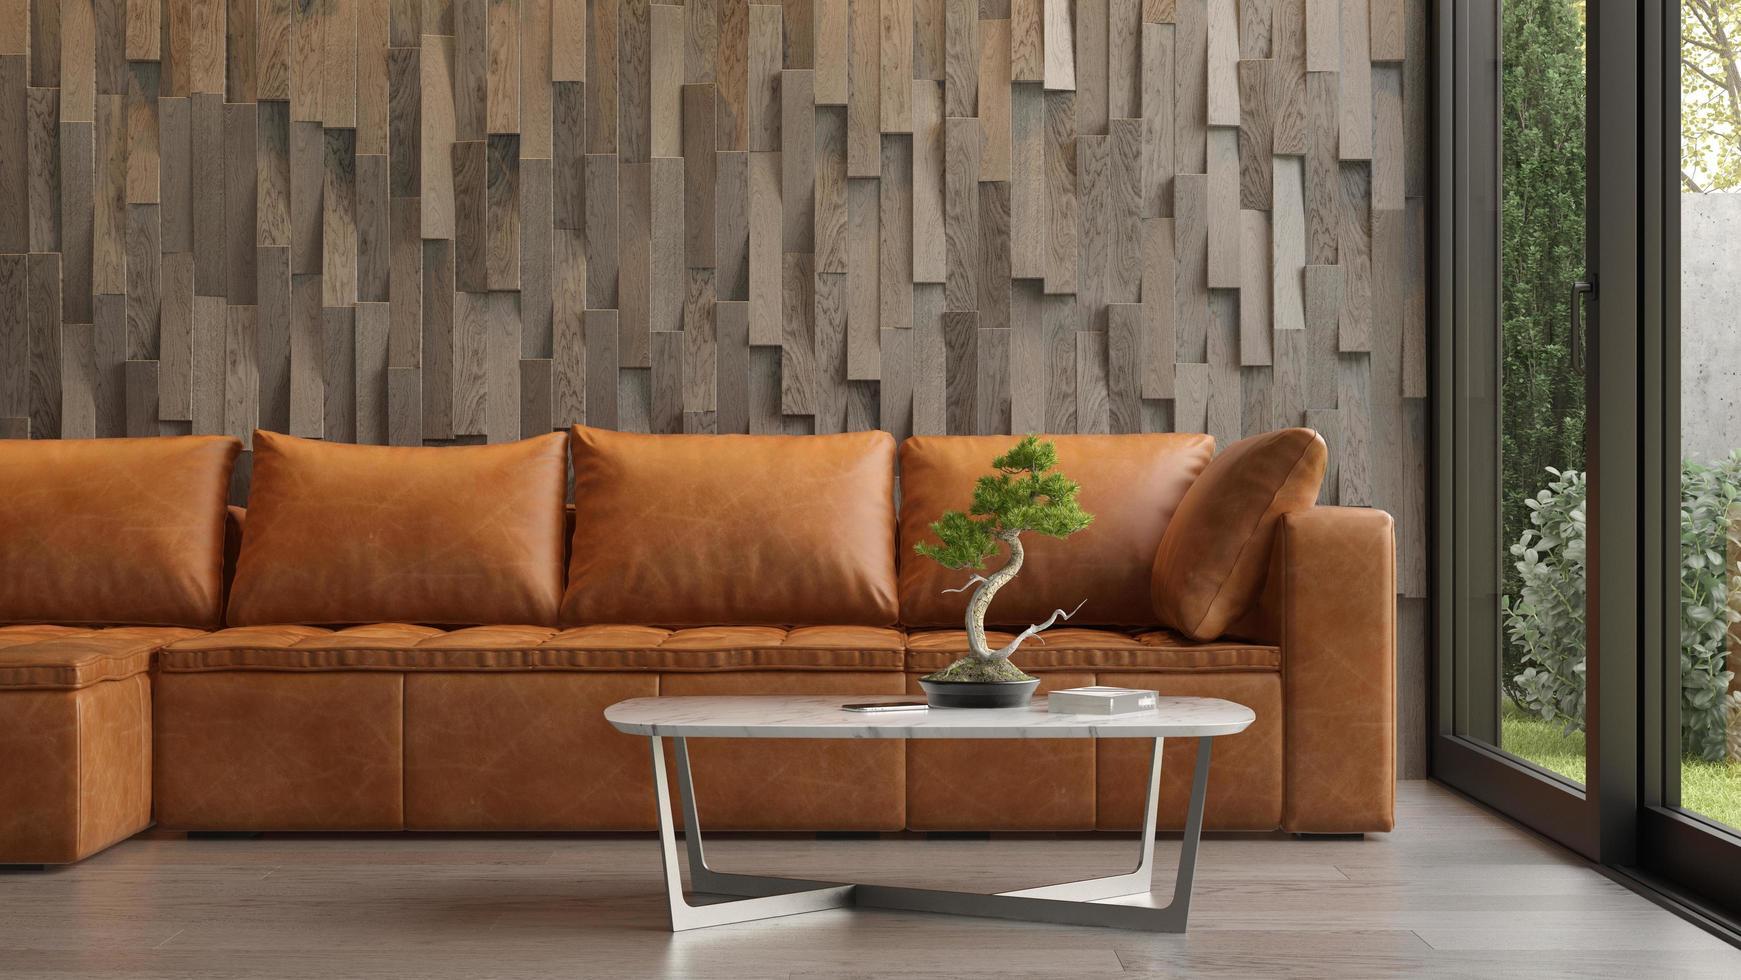 Innenraum eines modernen Raumes mit einem Sofa im 3D-Rendering foto